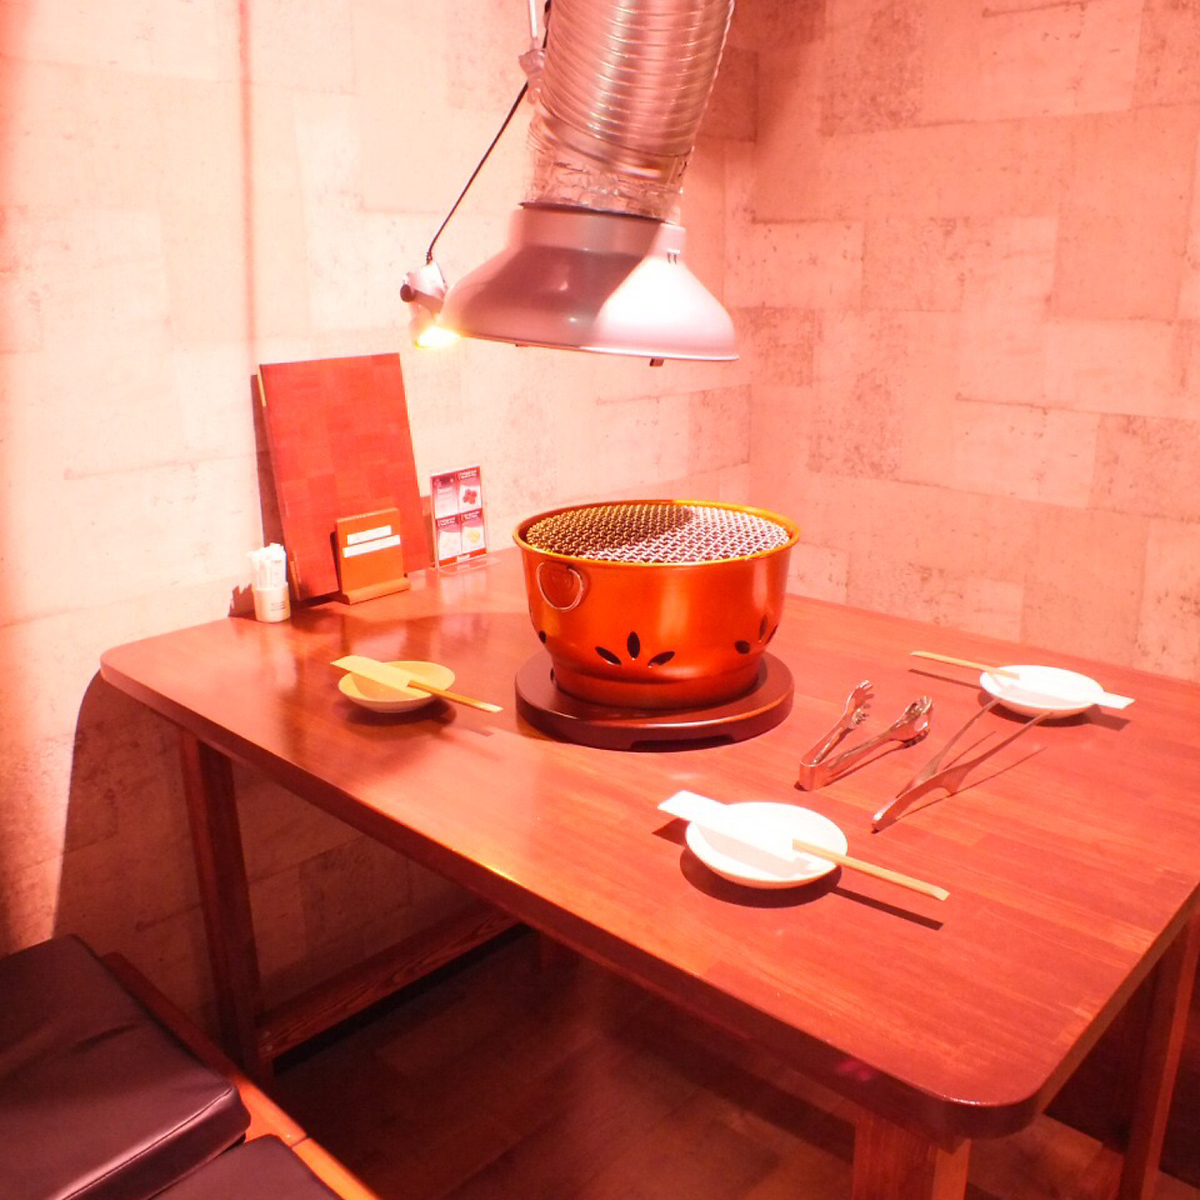 如果您在Akiko品嚐日本黑牛肉和正宗韓國料理的精緻日本料理,則由Hanur決定!【桌座8】